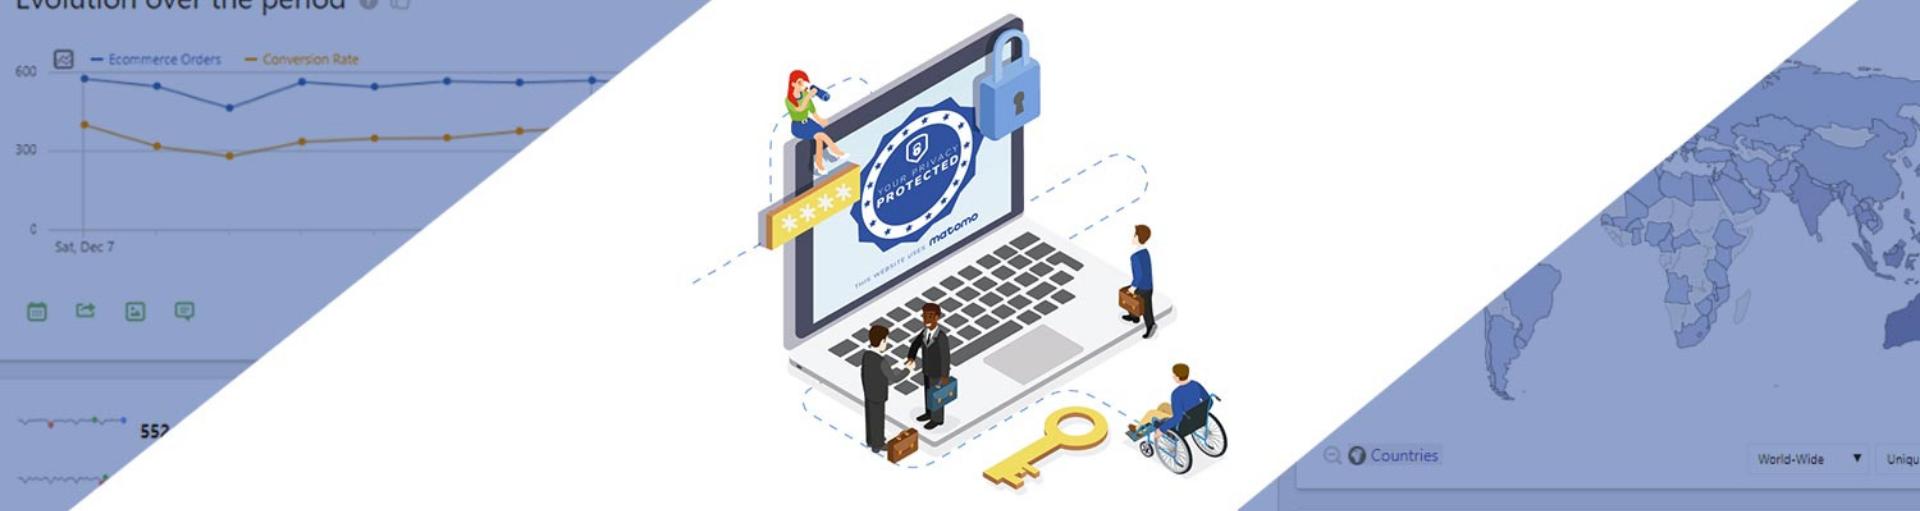 Matomo Analytics privacy